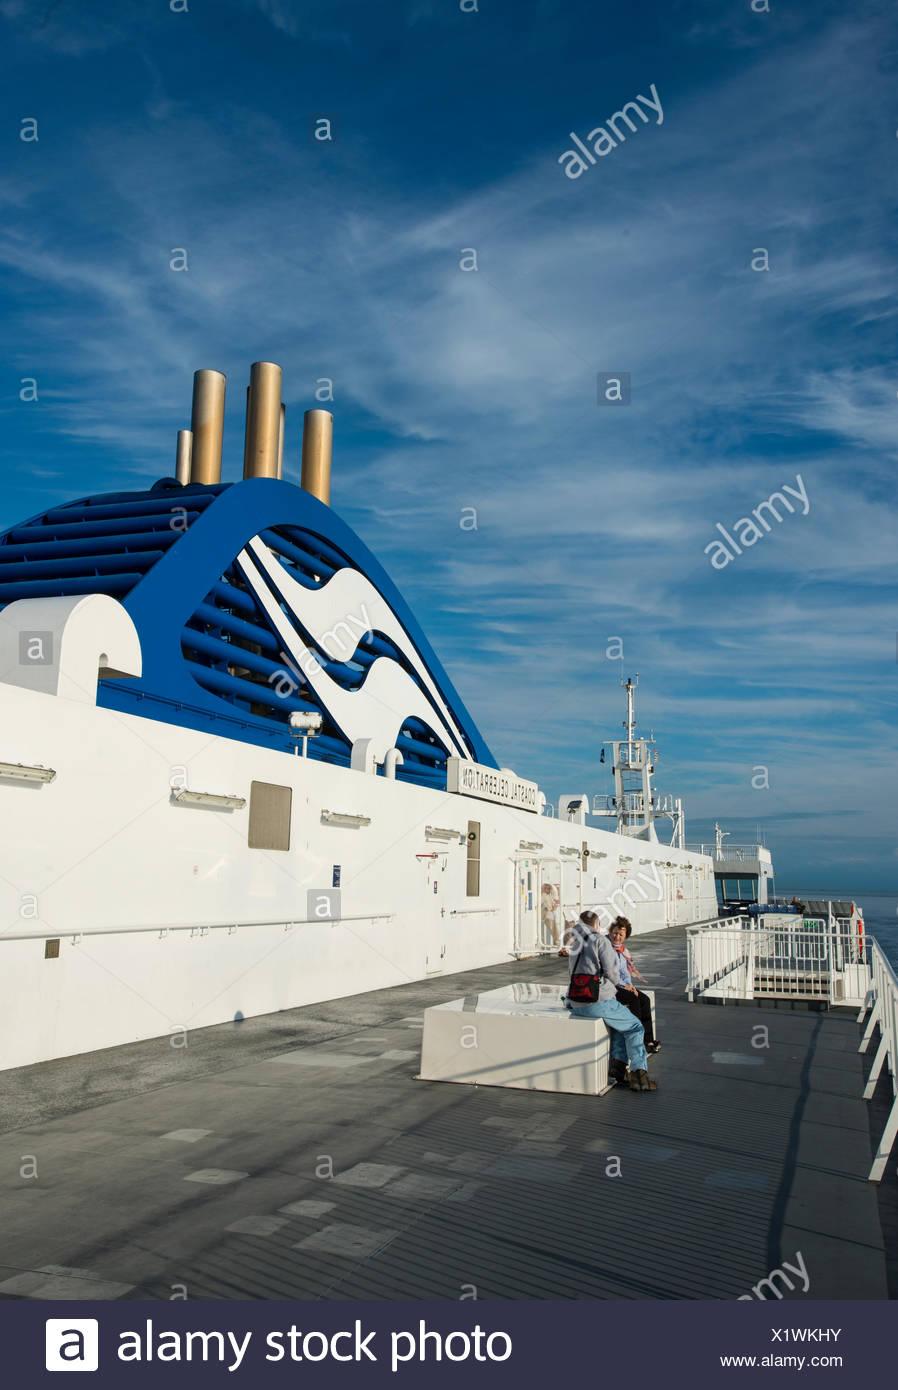 BC Ferry, Coastal Celebration, British Columbia, Canada - Stock Image